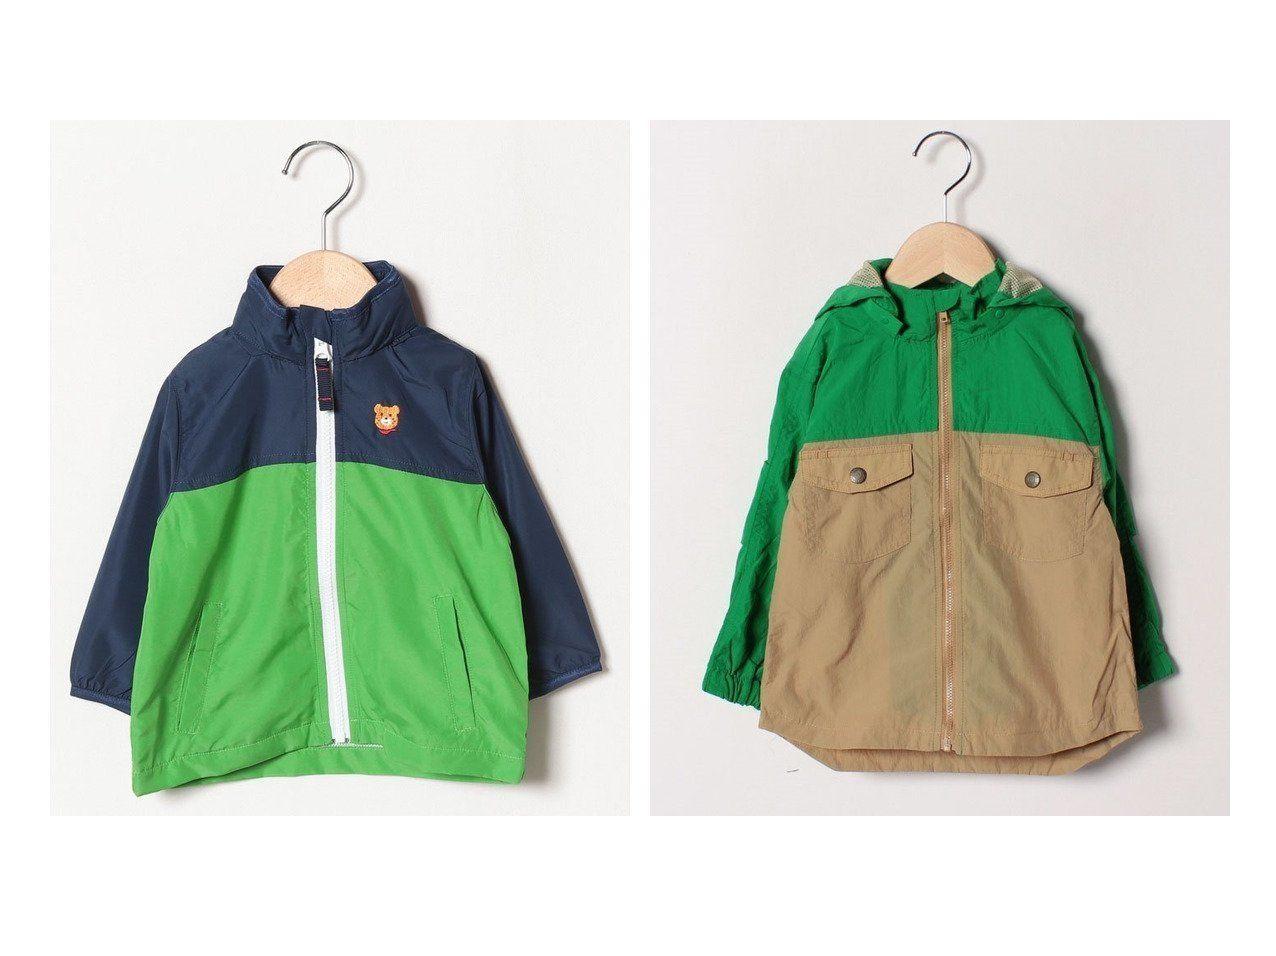 7750e717f649b6 KIDS】子供服のおすすめ!人気、キッズファッションの通販 【DILASH/ディ ...